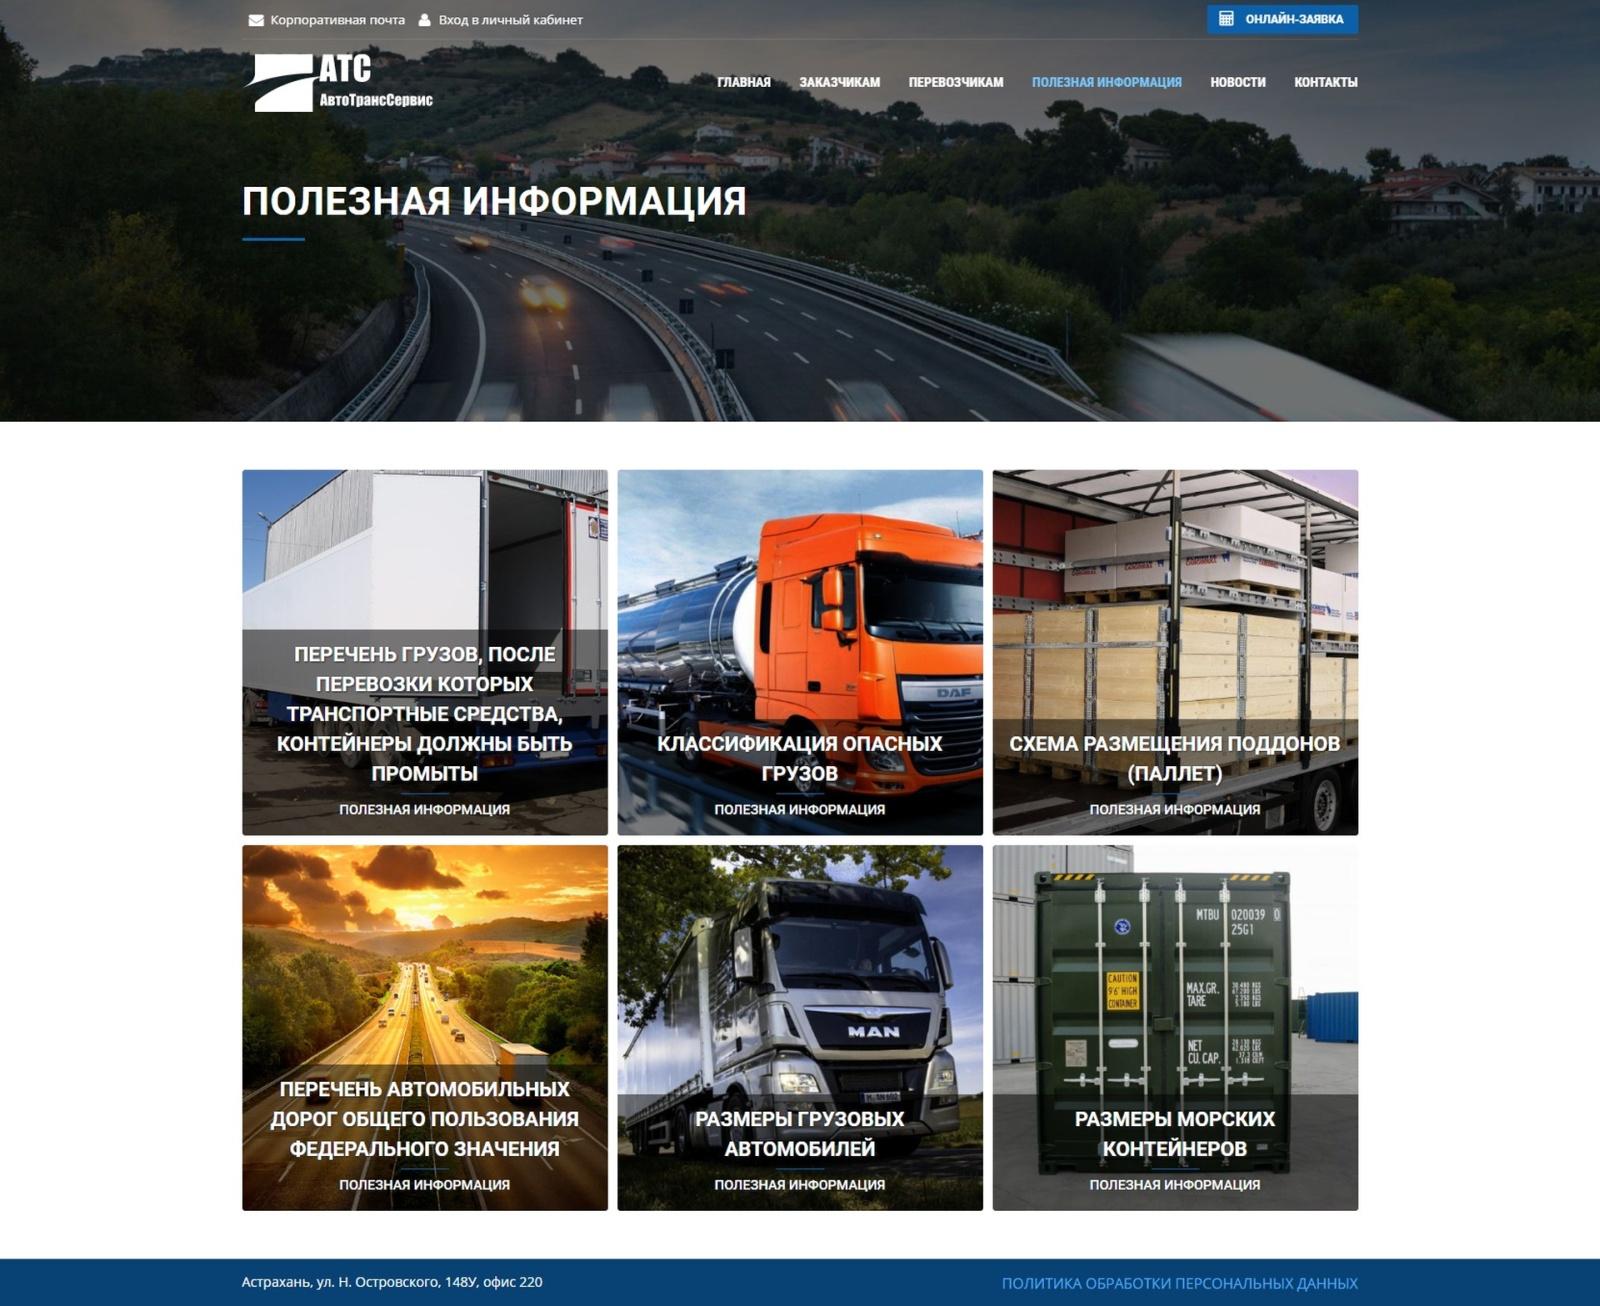 Poleznaya-informatsiya-AvtoTransServis